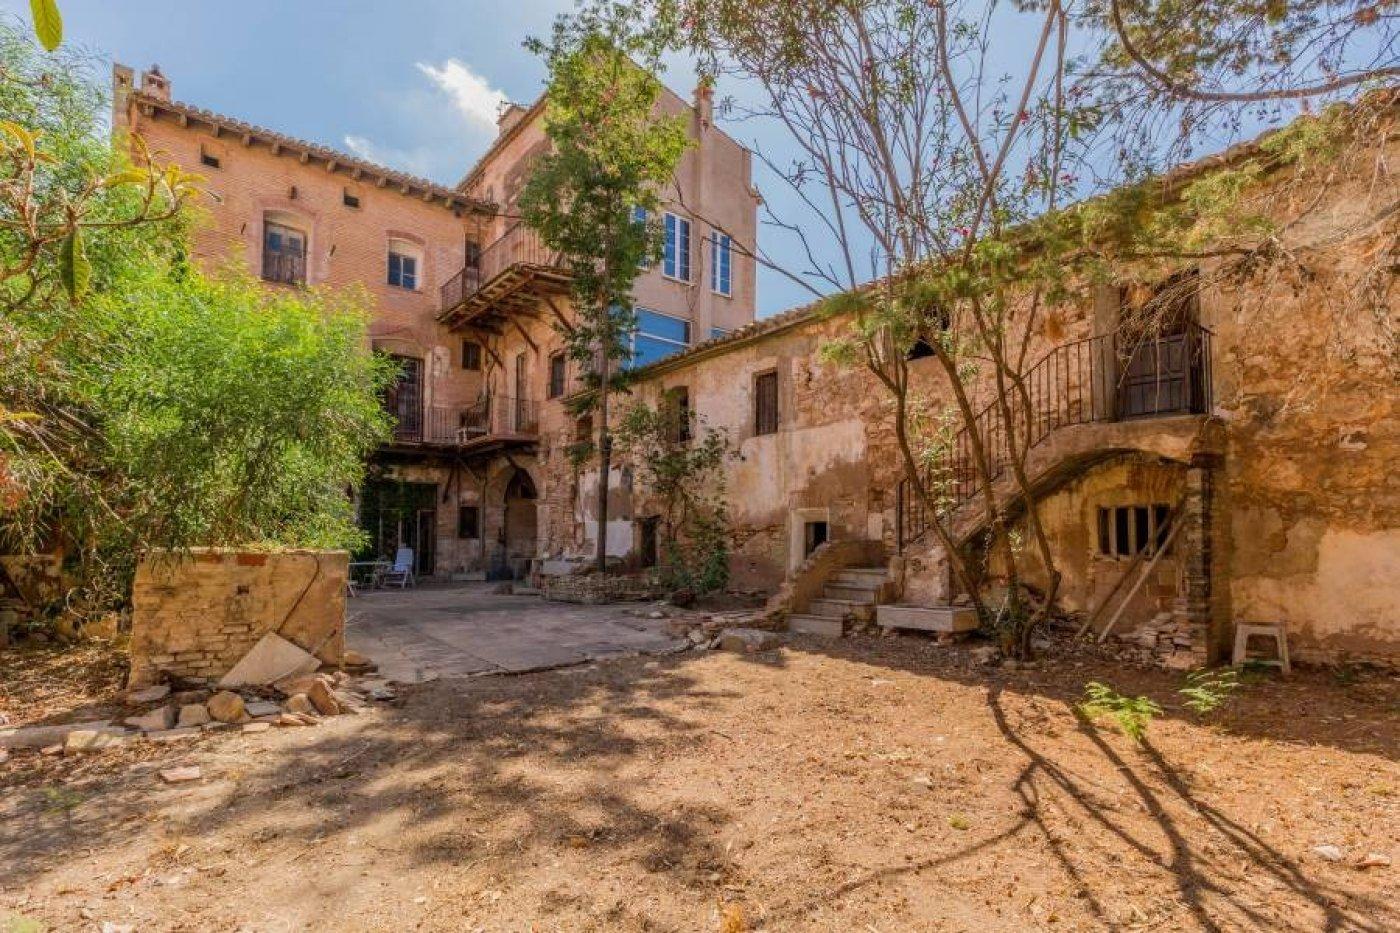 Venta de Casa con terreno en Moncada